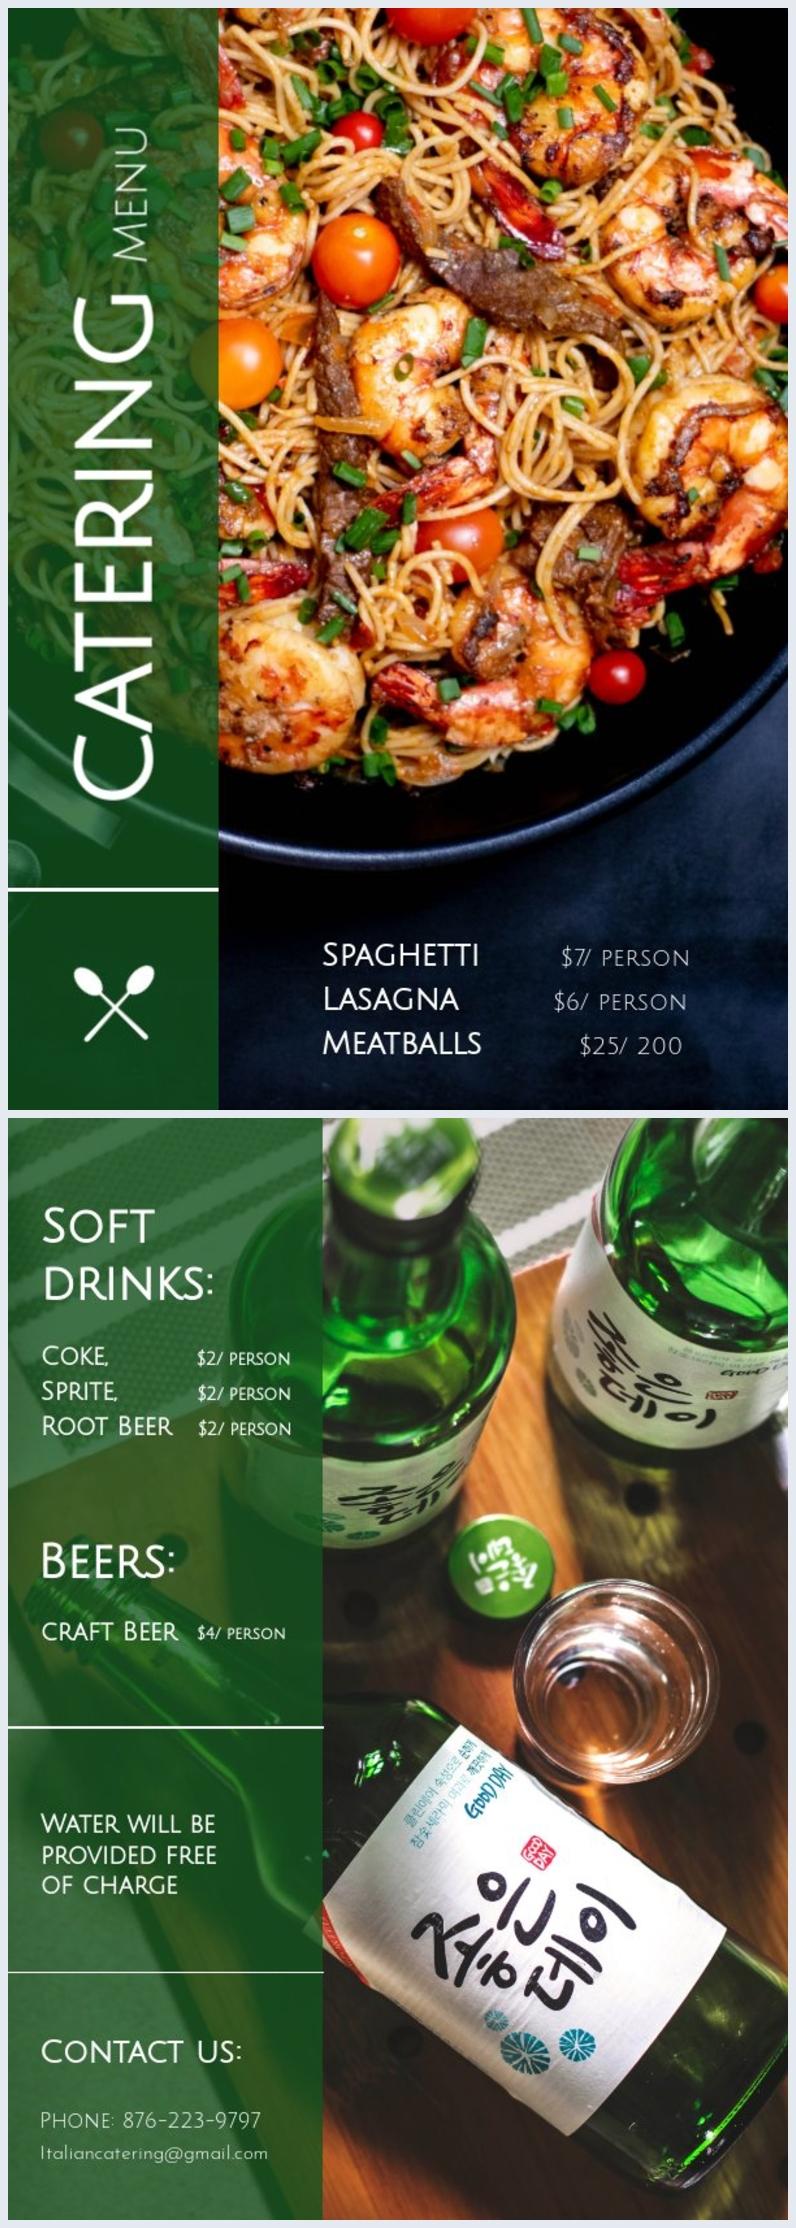 Modelli di grafica per menù del catering